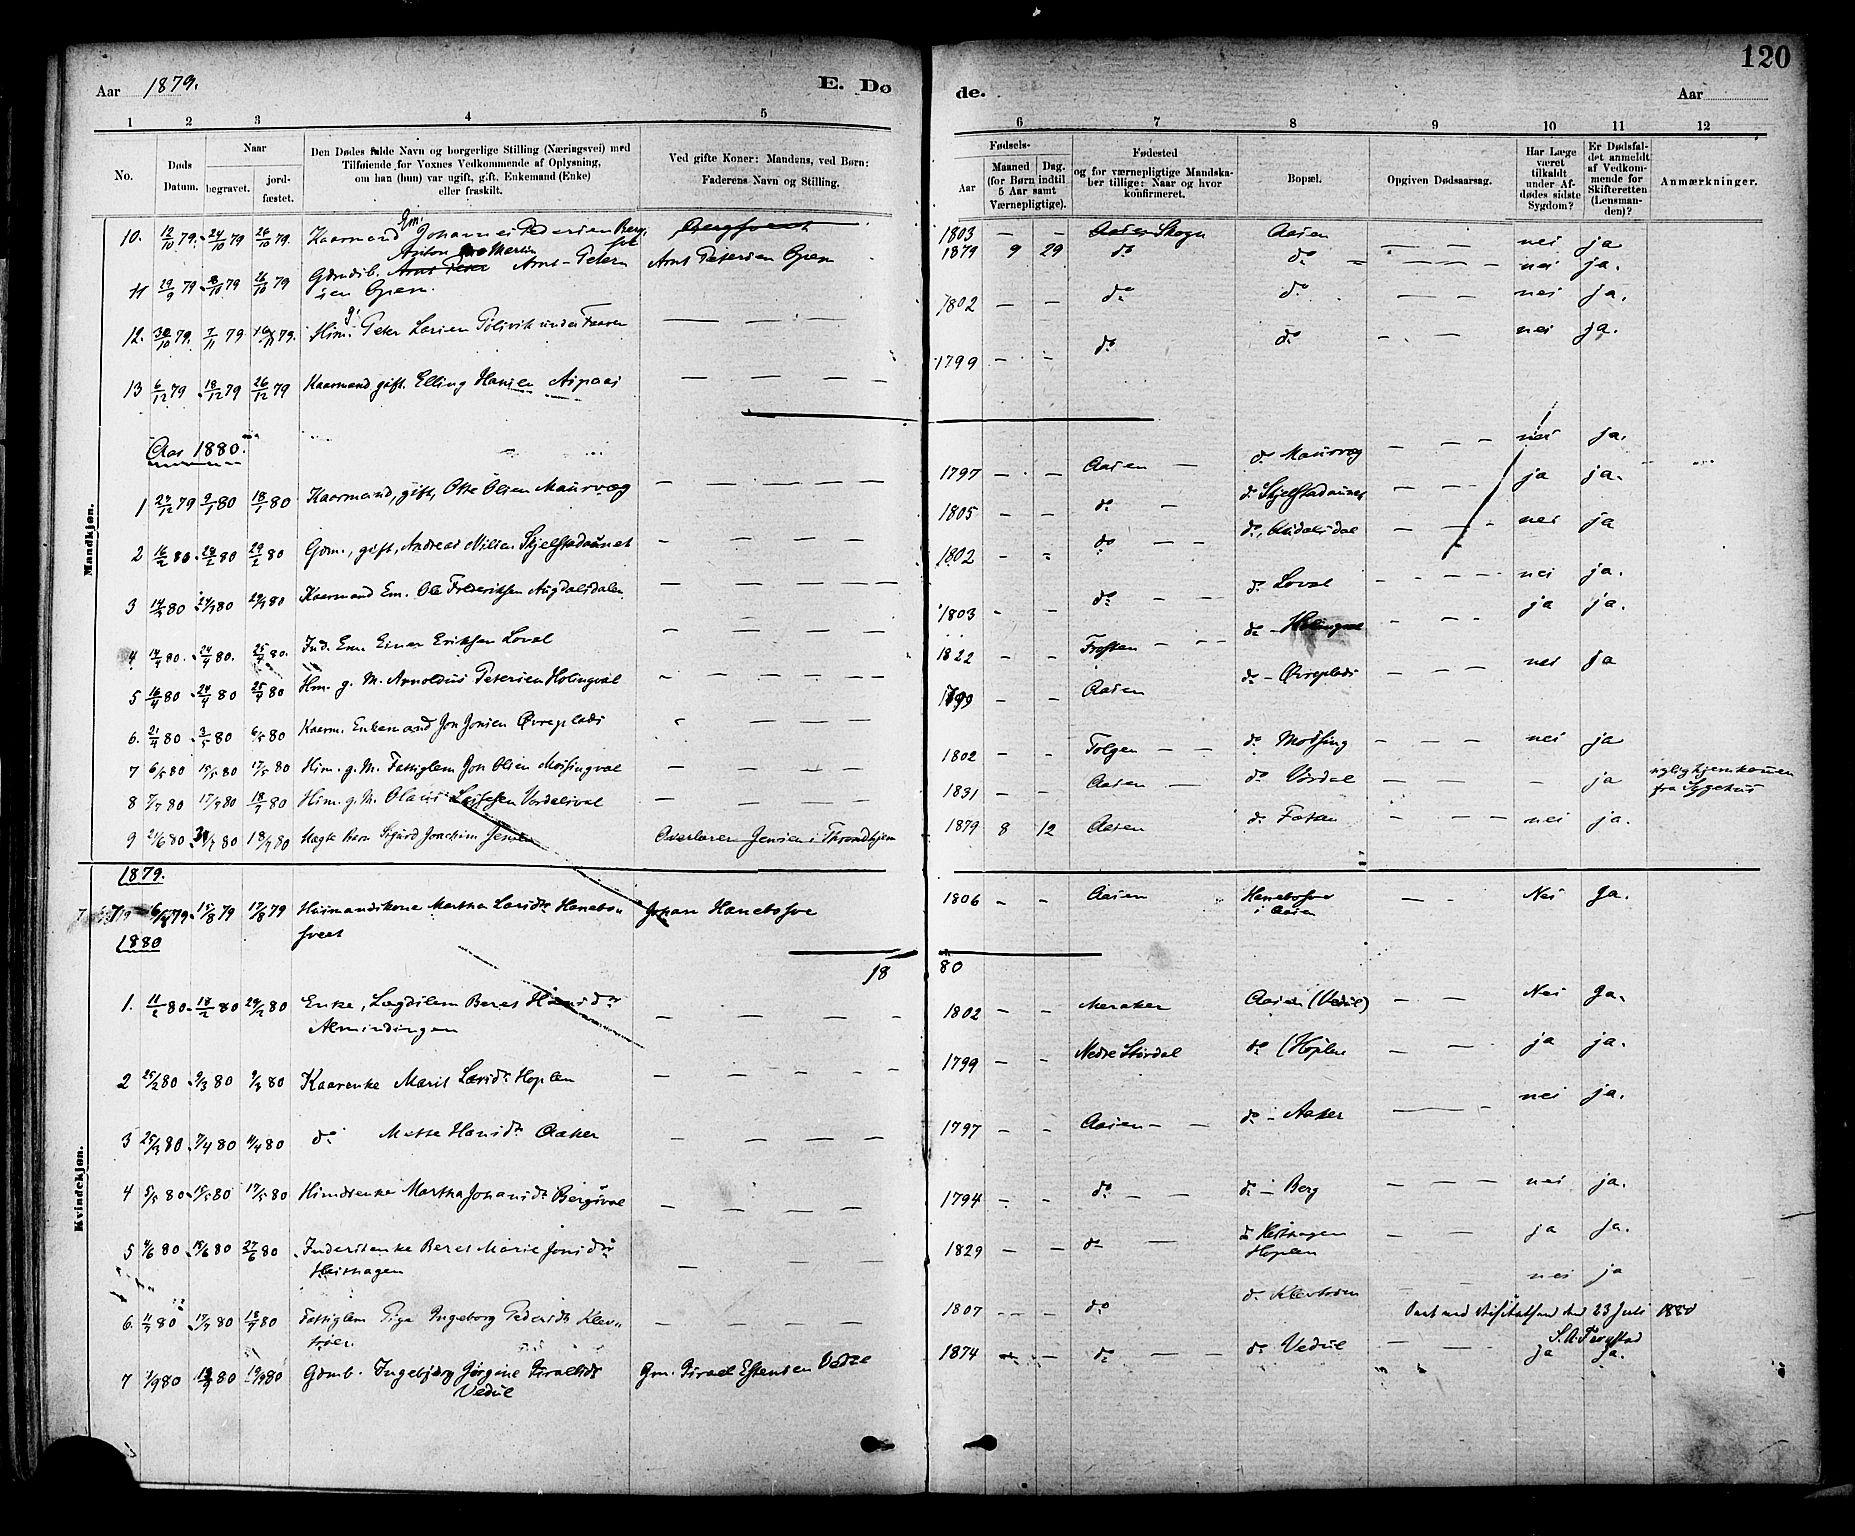 SAT, Ministerialprotokoller, klokkerbøker og fødselsregistre - Nord-Trøndelag, 714/L0130: Ministerialbok nr. 714A01, 1878-1895, s. 120